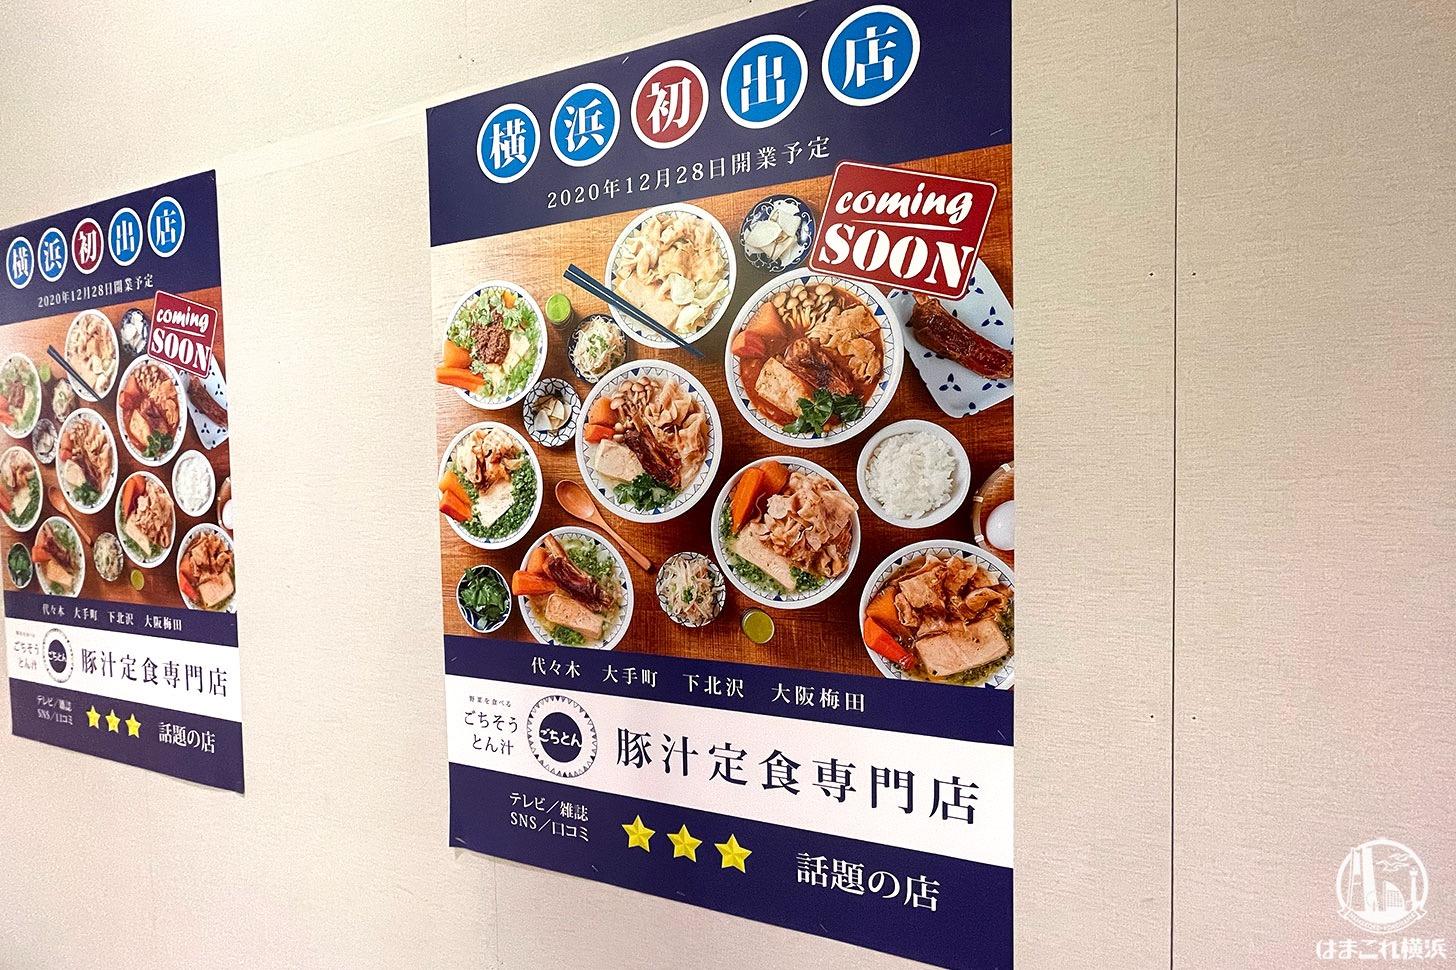 豚汁定食専門店「ごちとん」横浜駅のジョイナスに2020年12月28日オープン予定